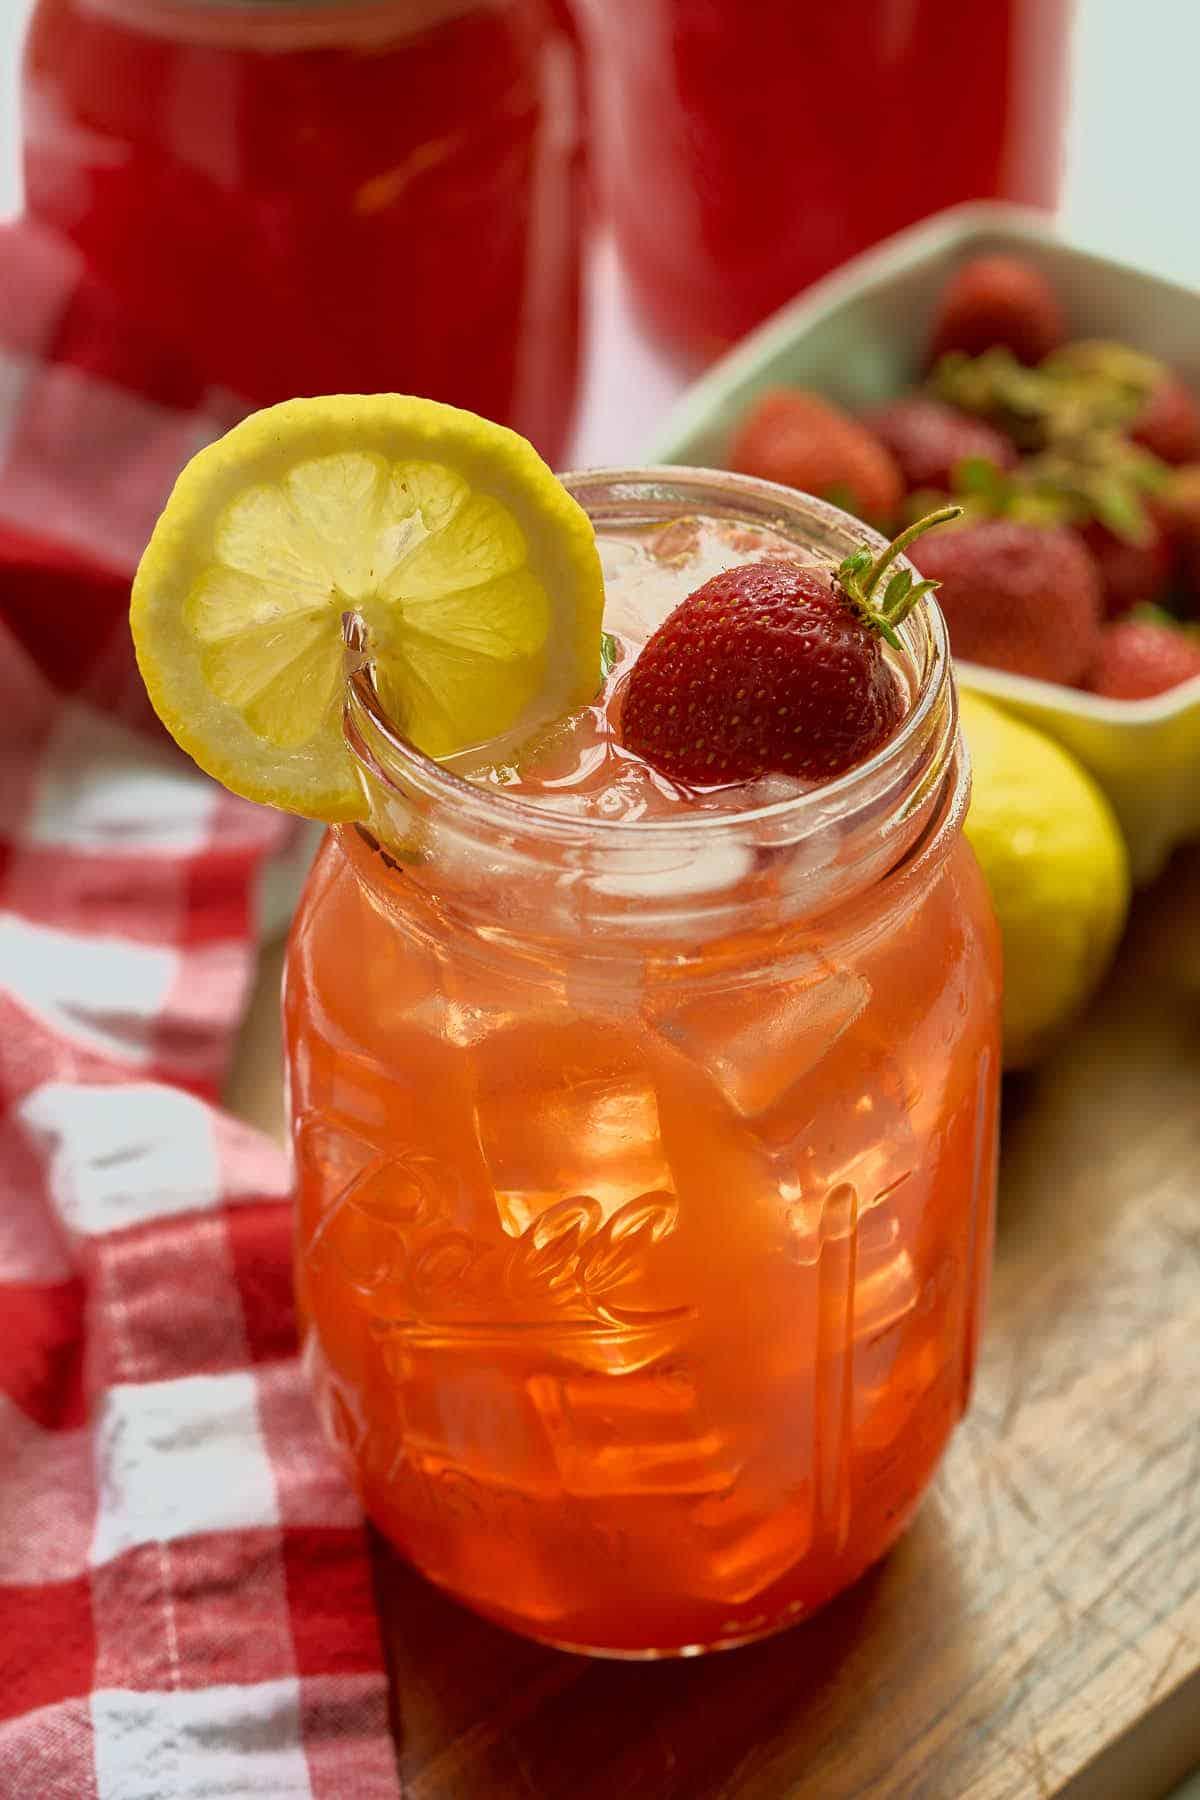 mason jar full of strawberry lemonade on ice